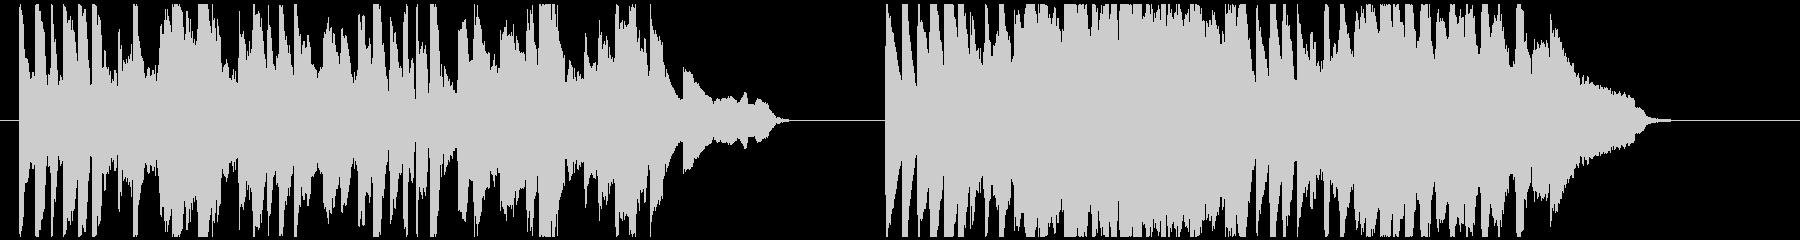 狂ったピアノによるエリーゼのためにの未再生の波形